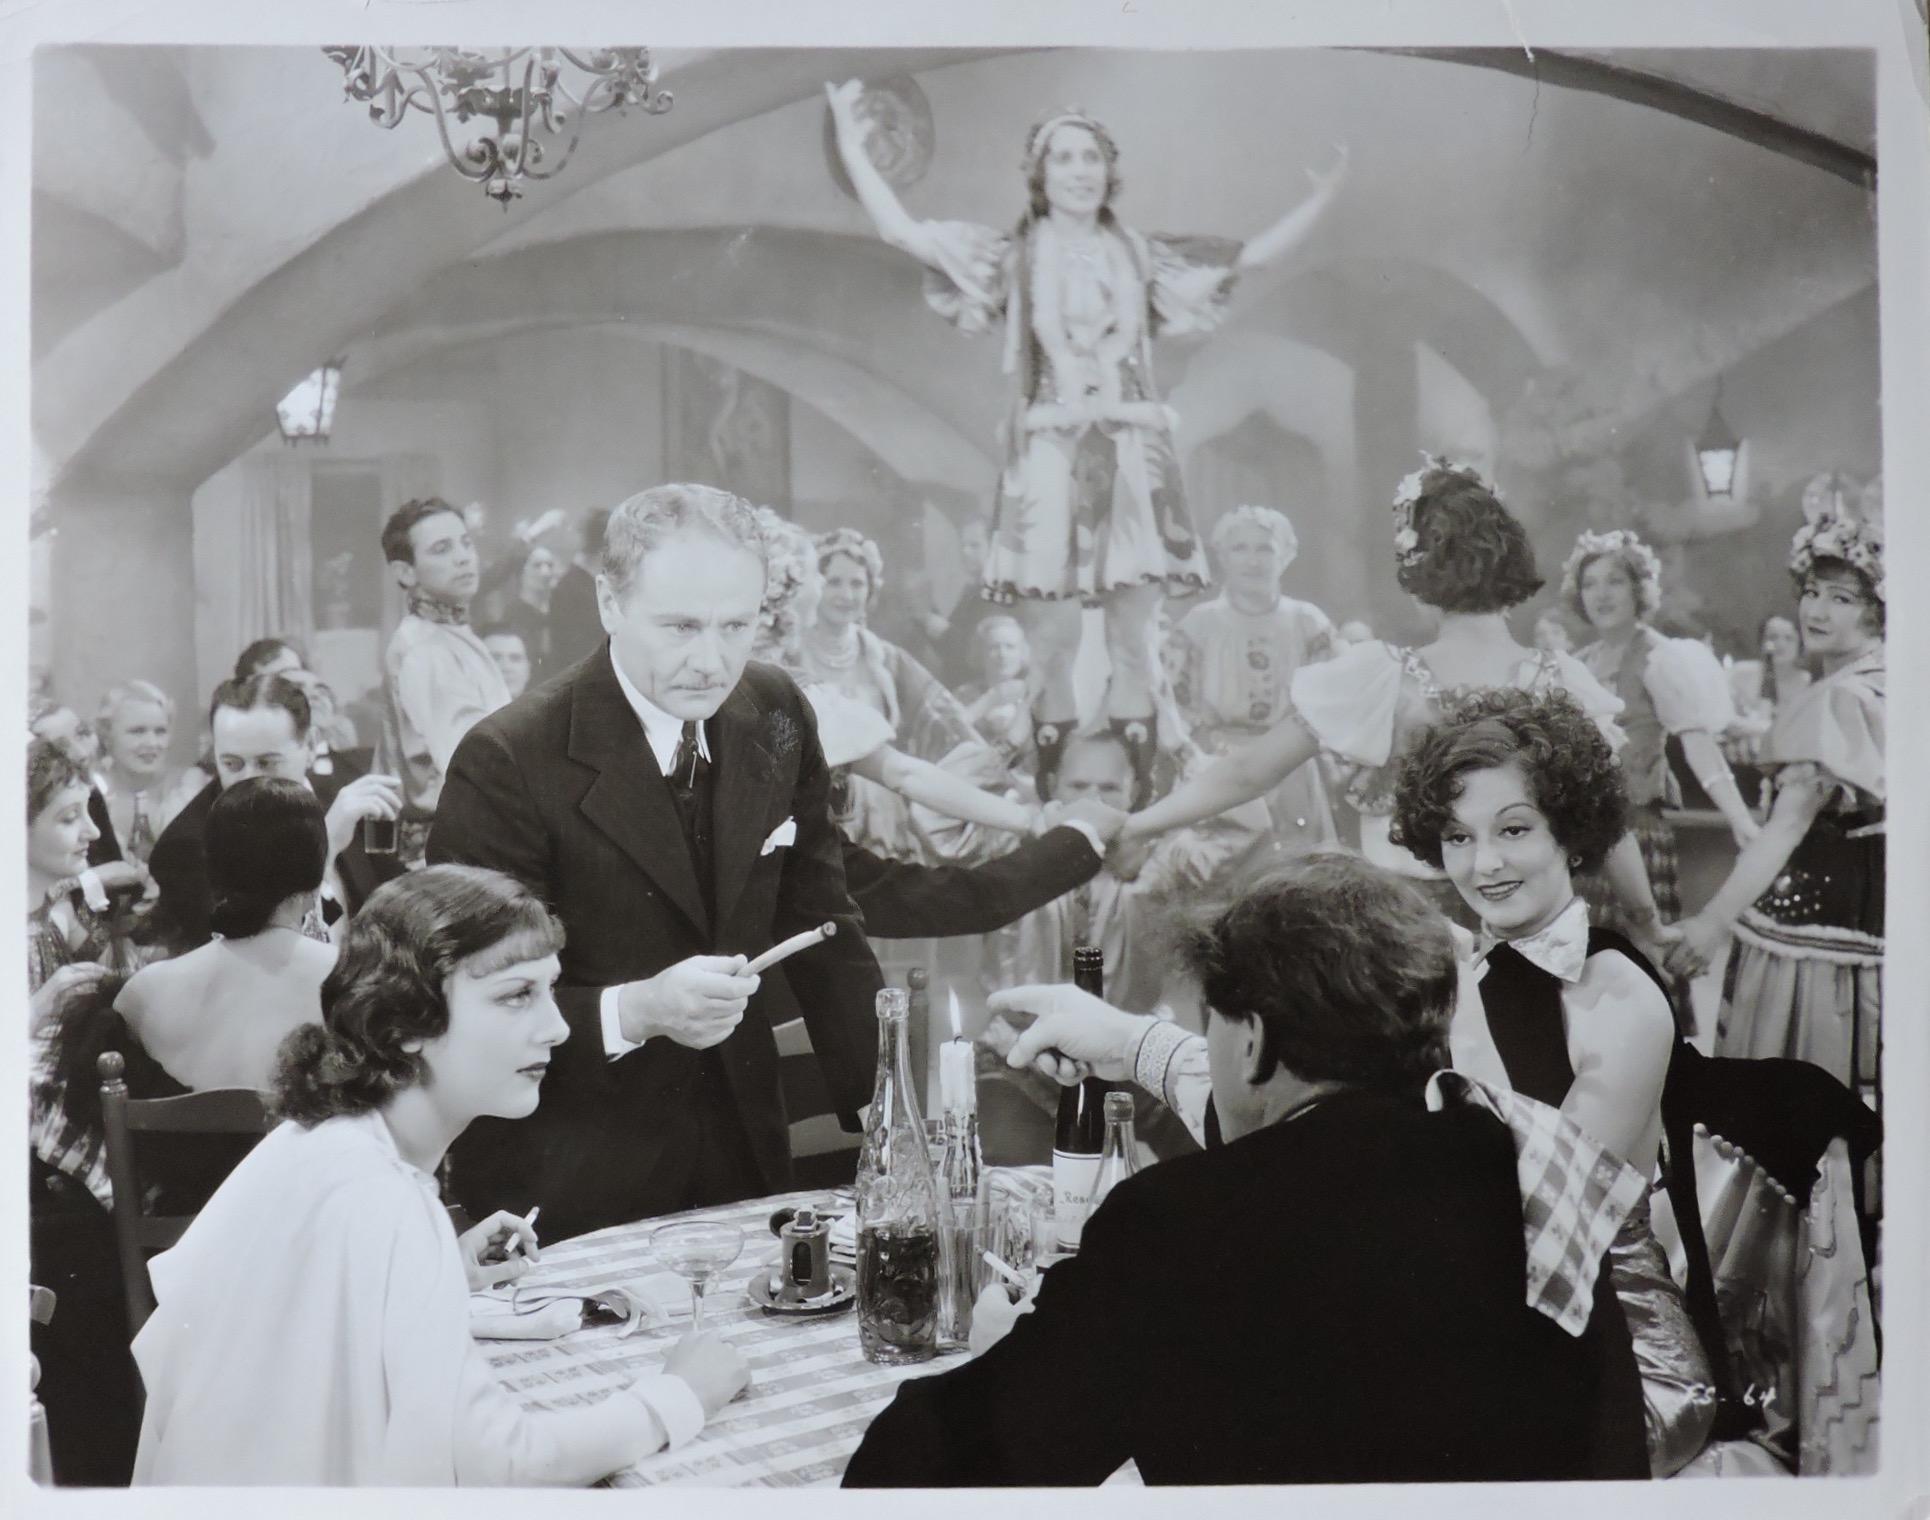 Dorothy Burgess, Ann Dvorak, and Charles Ruggles in Friends of Mr. Sweeney (1934)